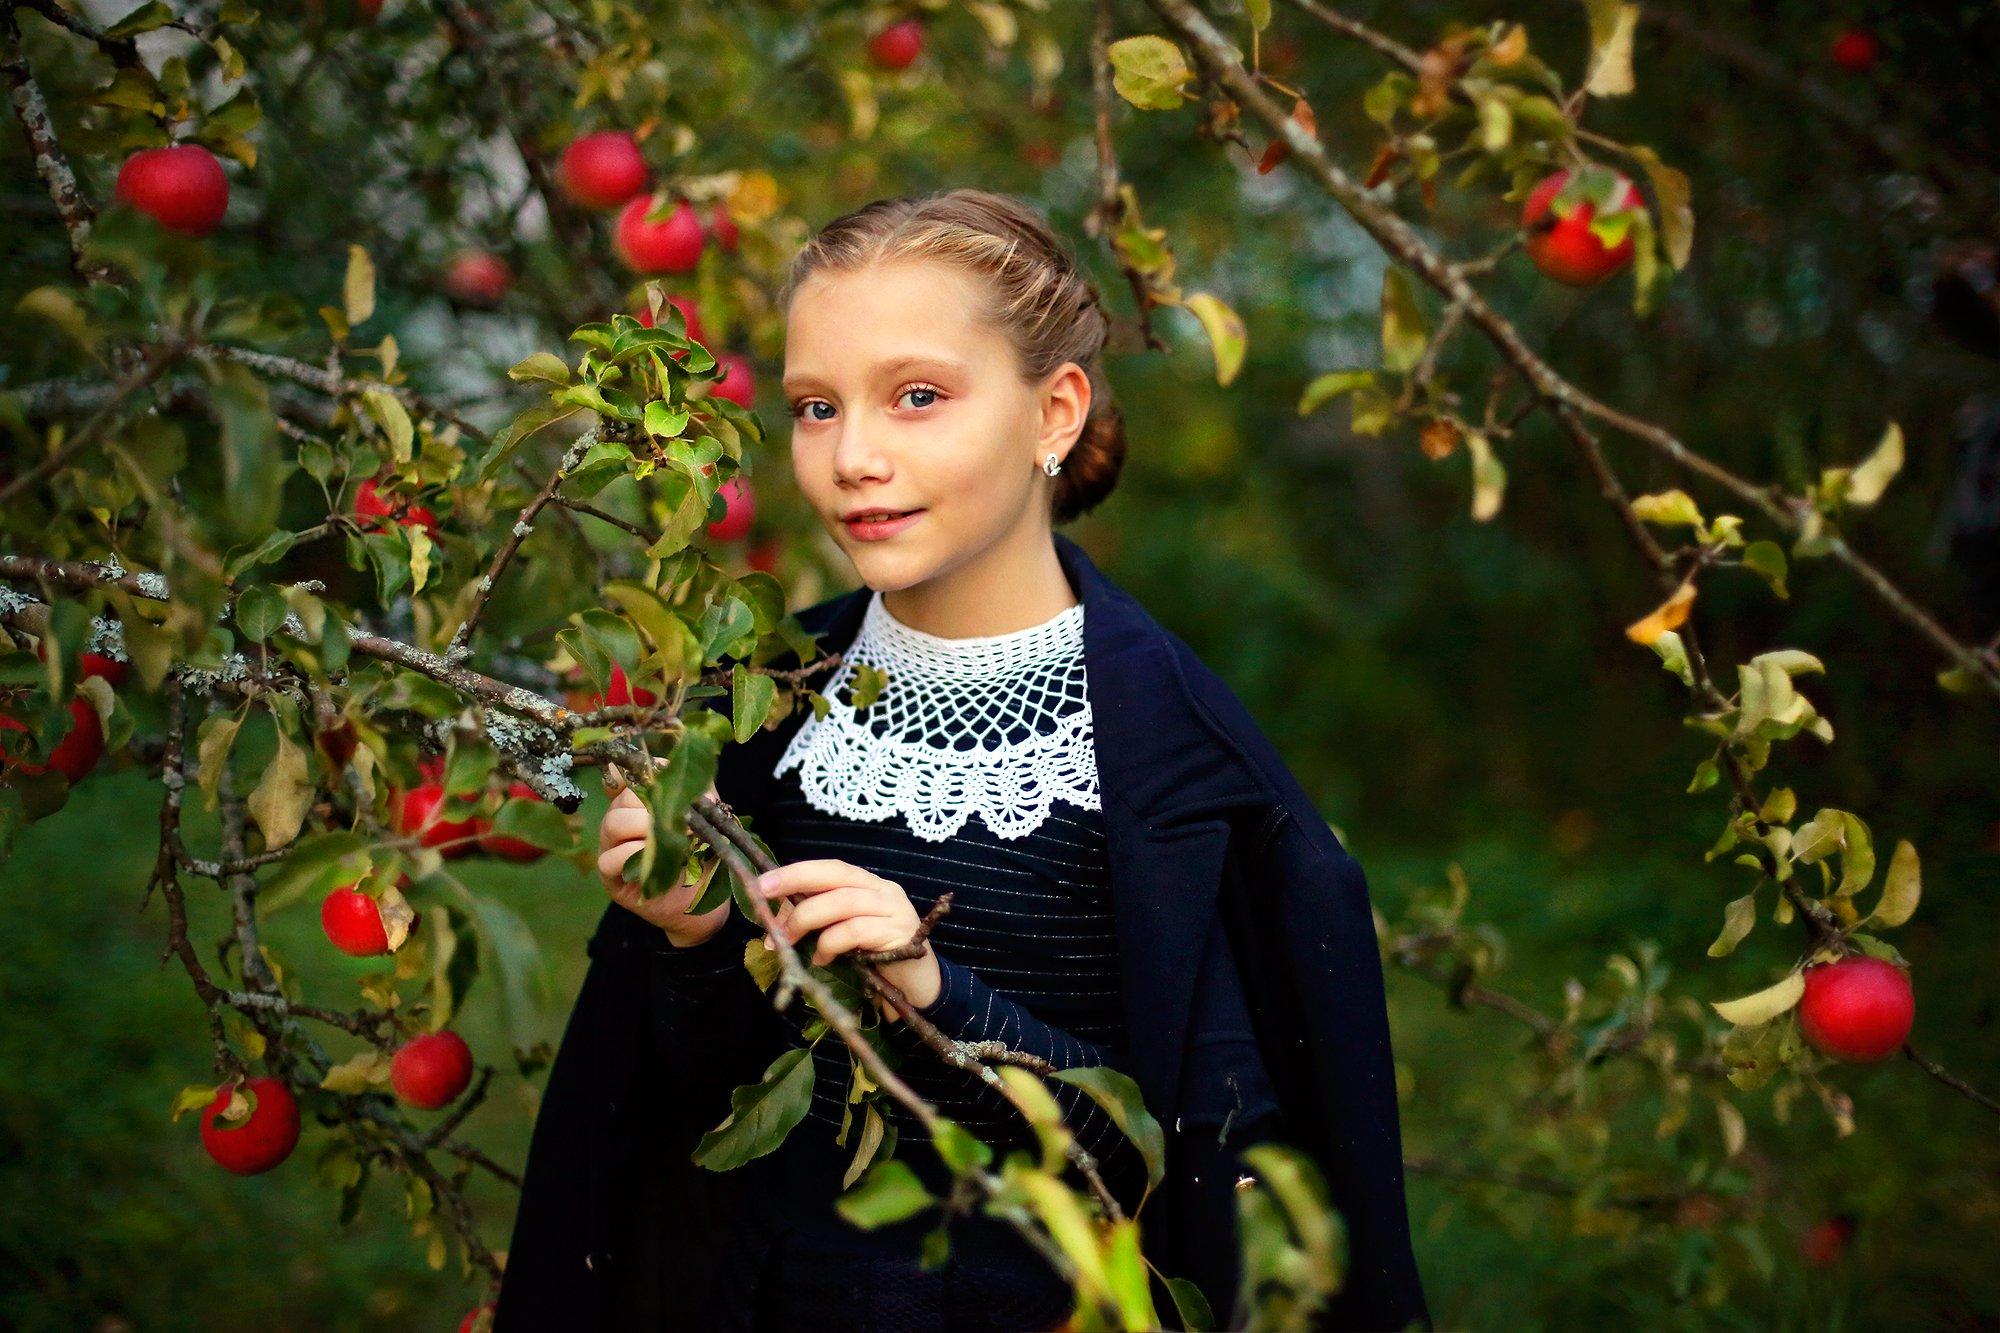 портрет, осень, красота, красивая, девочка, школьница, яблоня, сад, истории из детства, портрет, свет, жанр, Постонен Екатерина